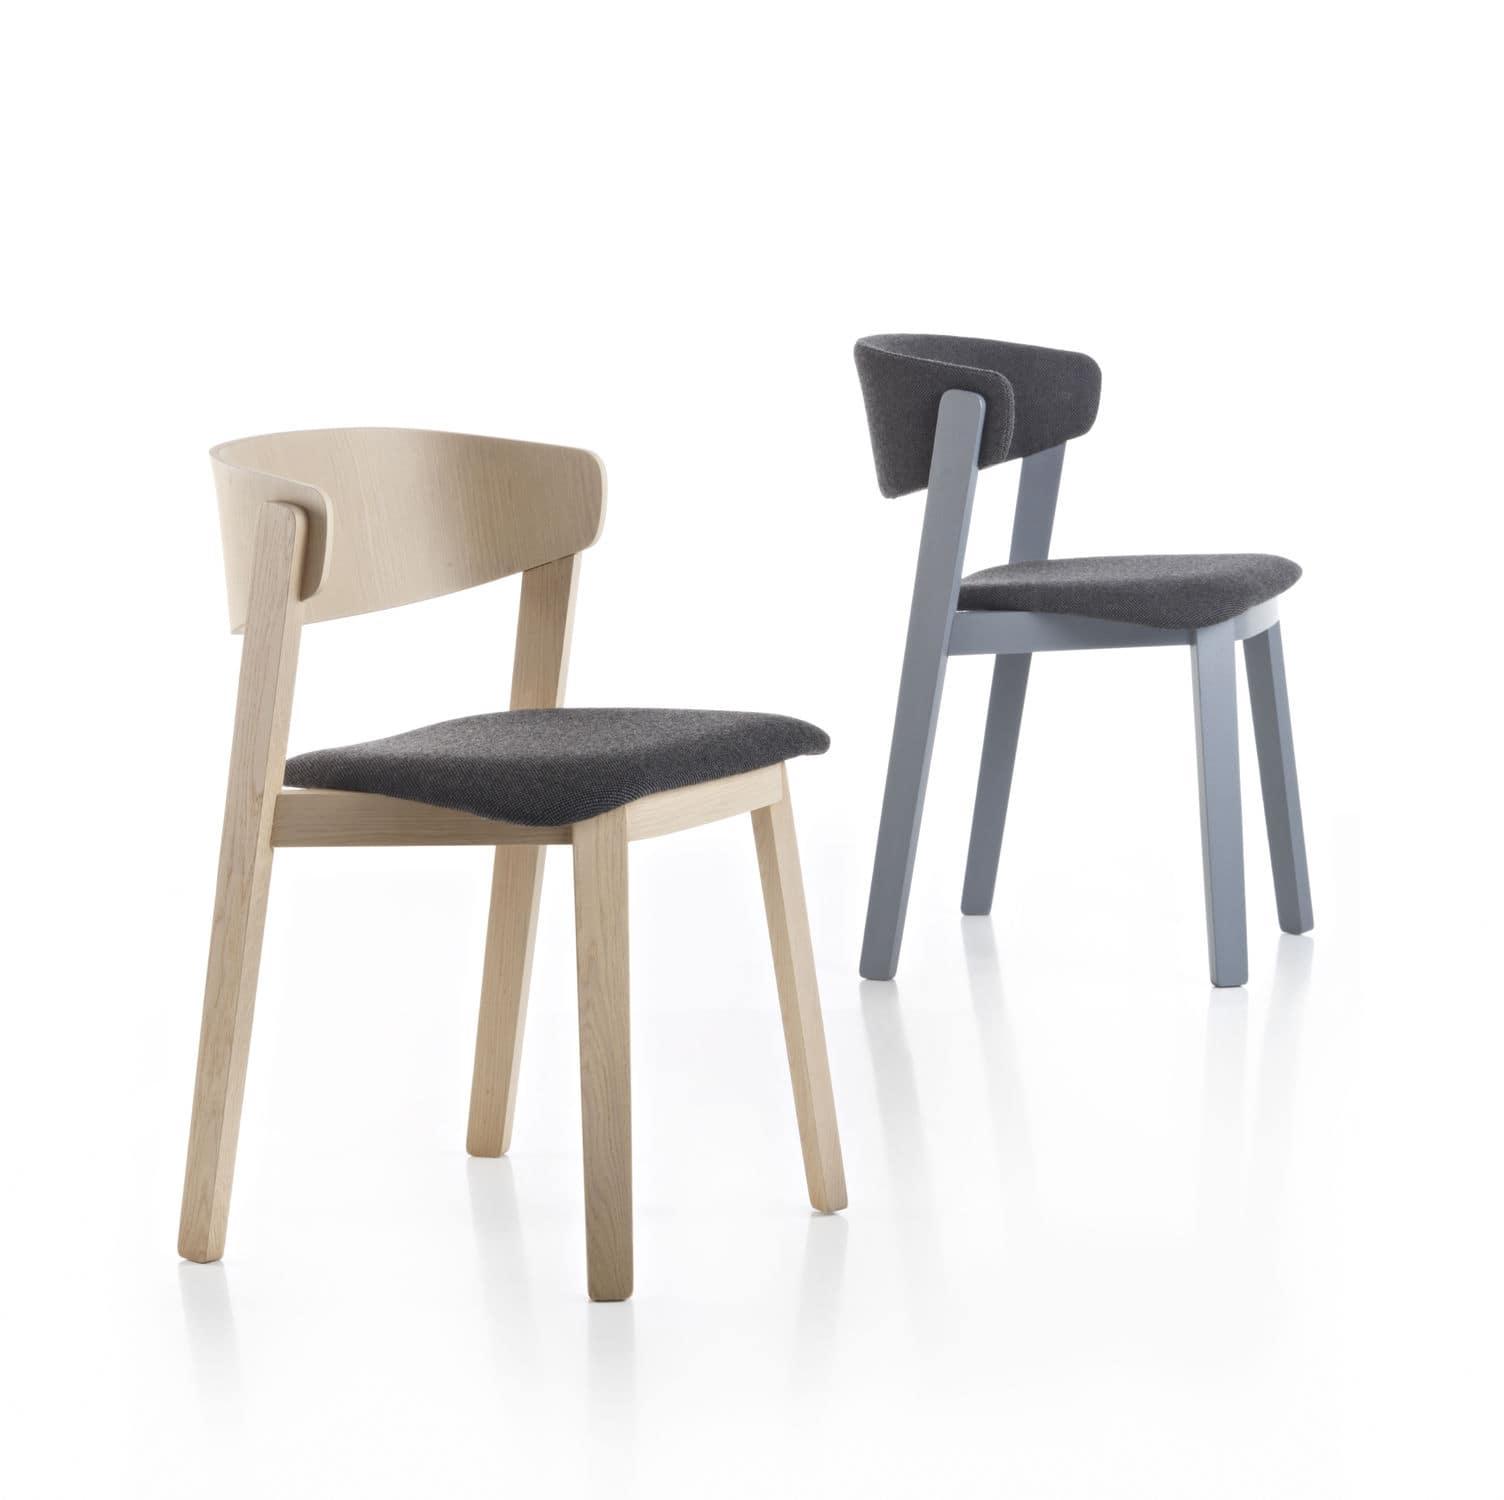 ... Stuhl / Skandinavisches Design / Polster / Mit Armlehnen / Stoff  WOLFGANG Fornasarig